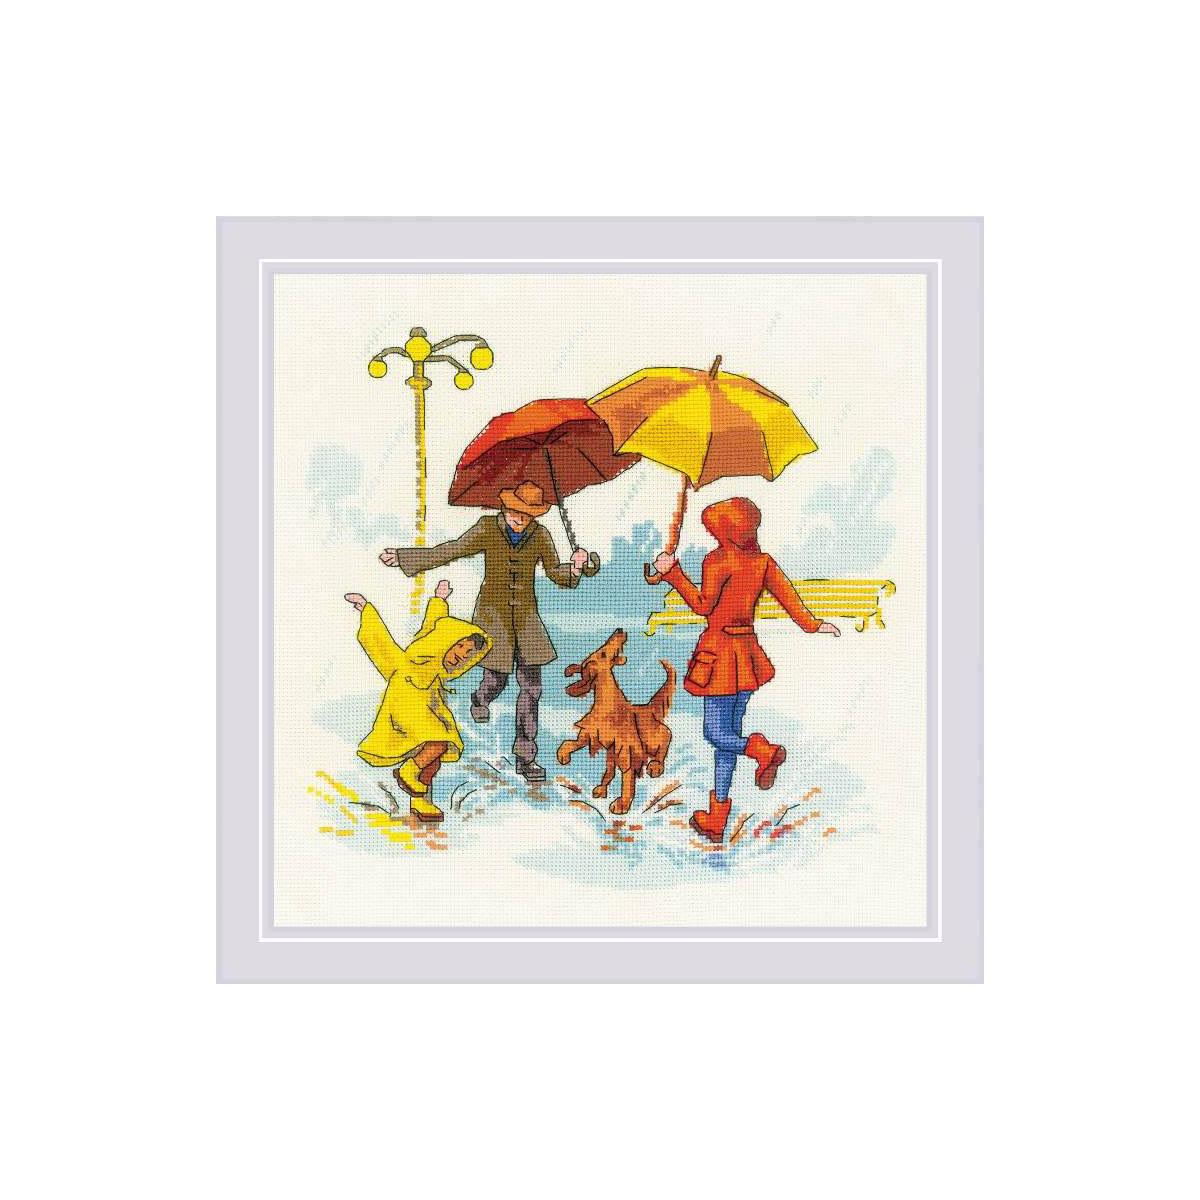 1799 Набор для вышивания Риолис 'Нет плохой погоды' 23*23см